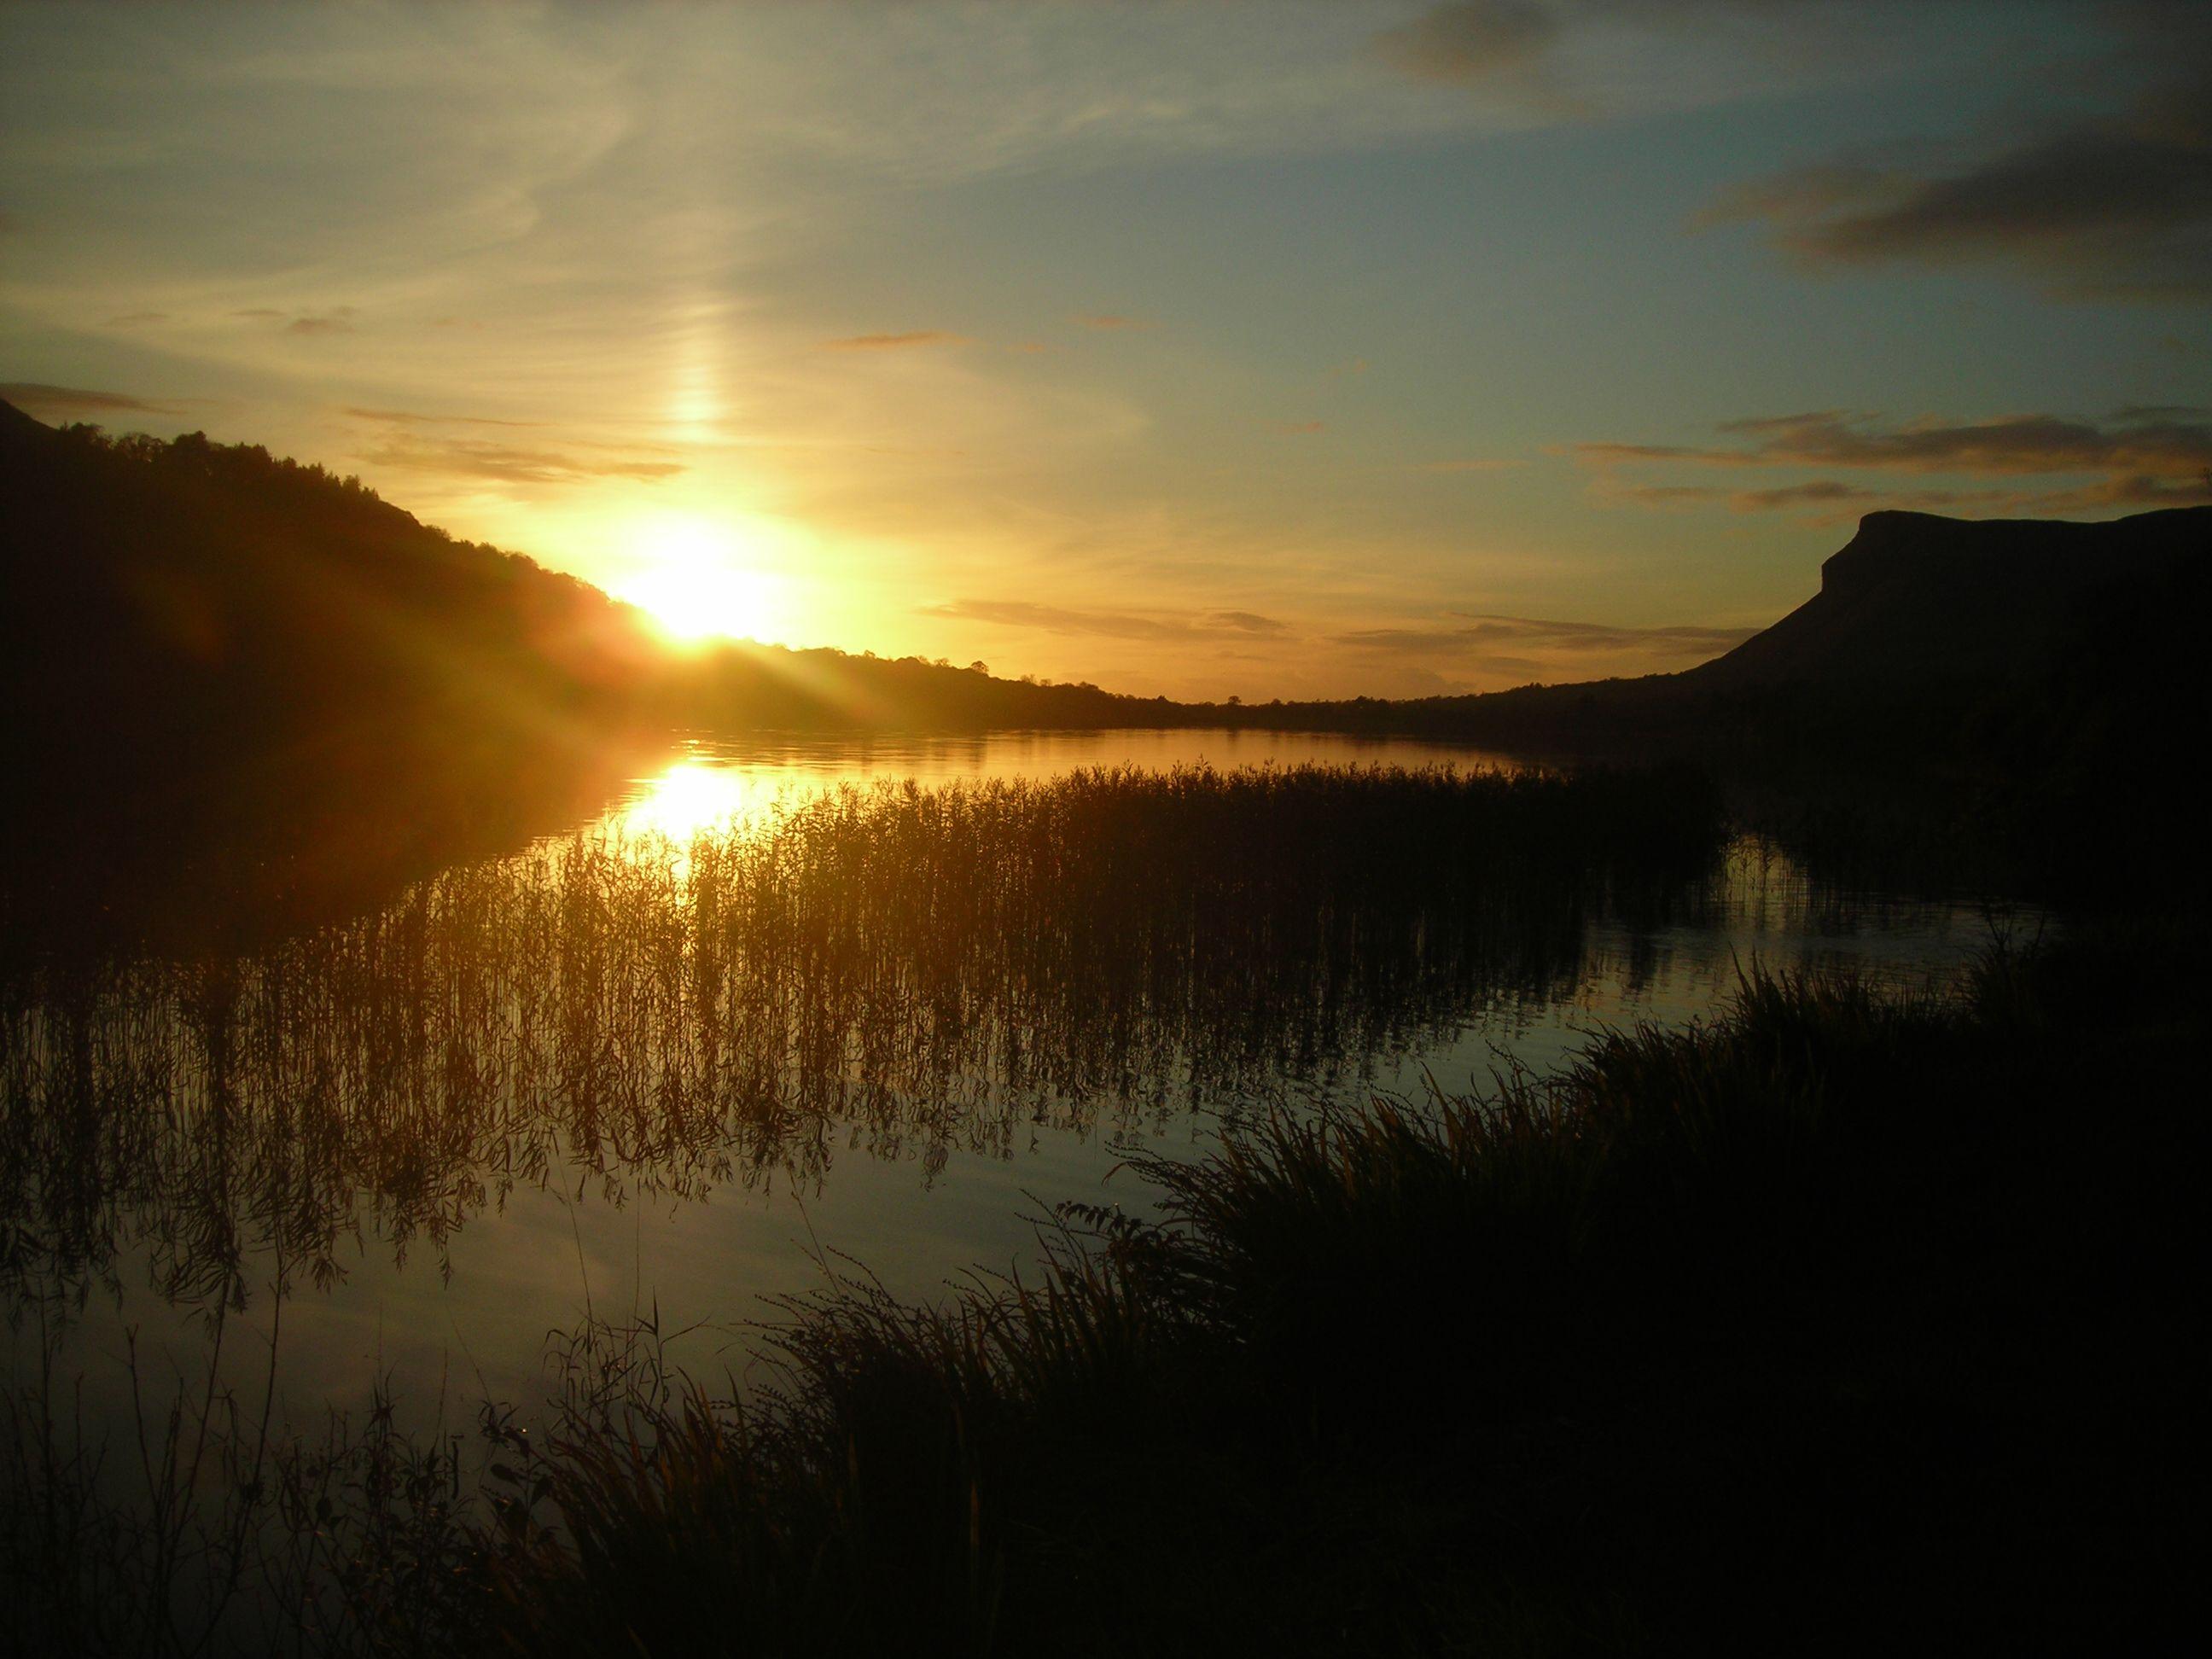 SPLENDIFEROUS: Sunset at Glencar Lake, Co Leitrim.